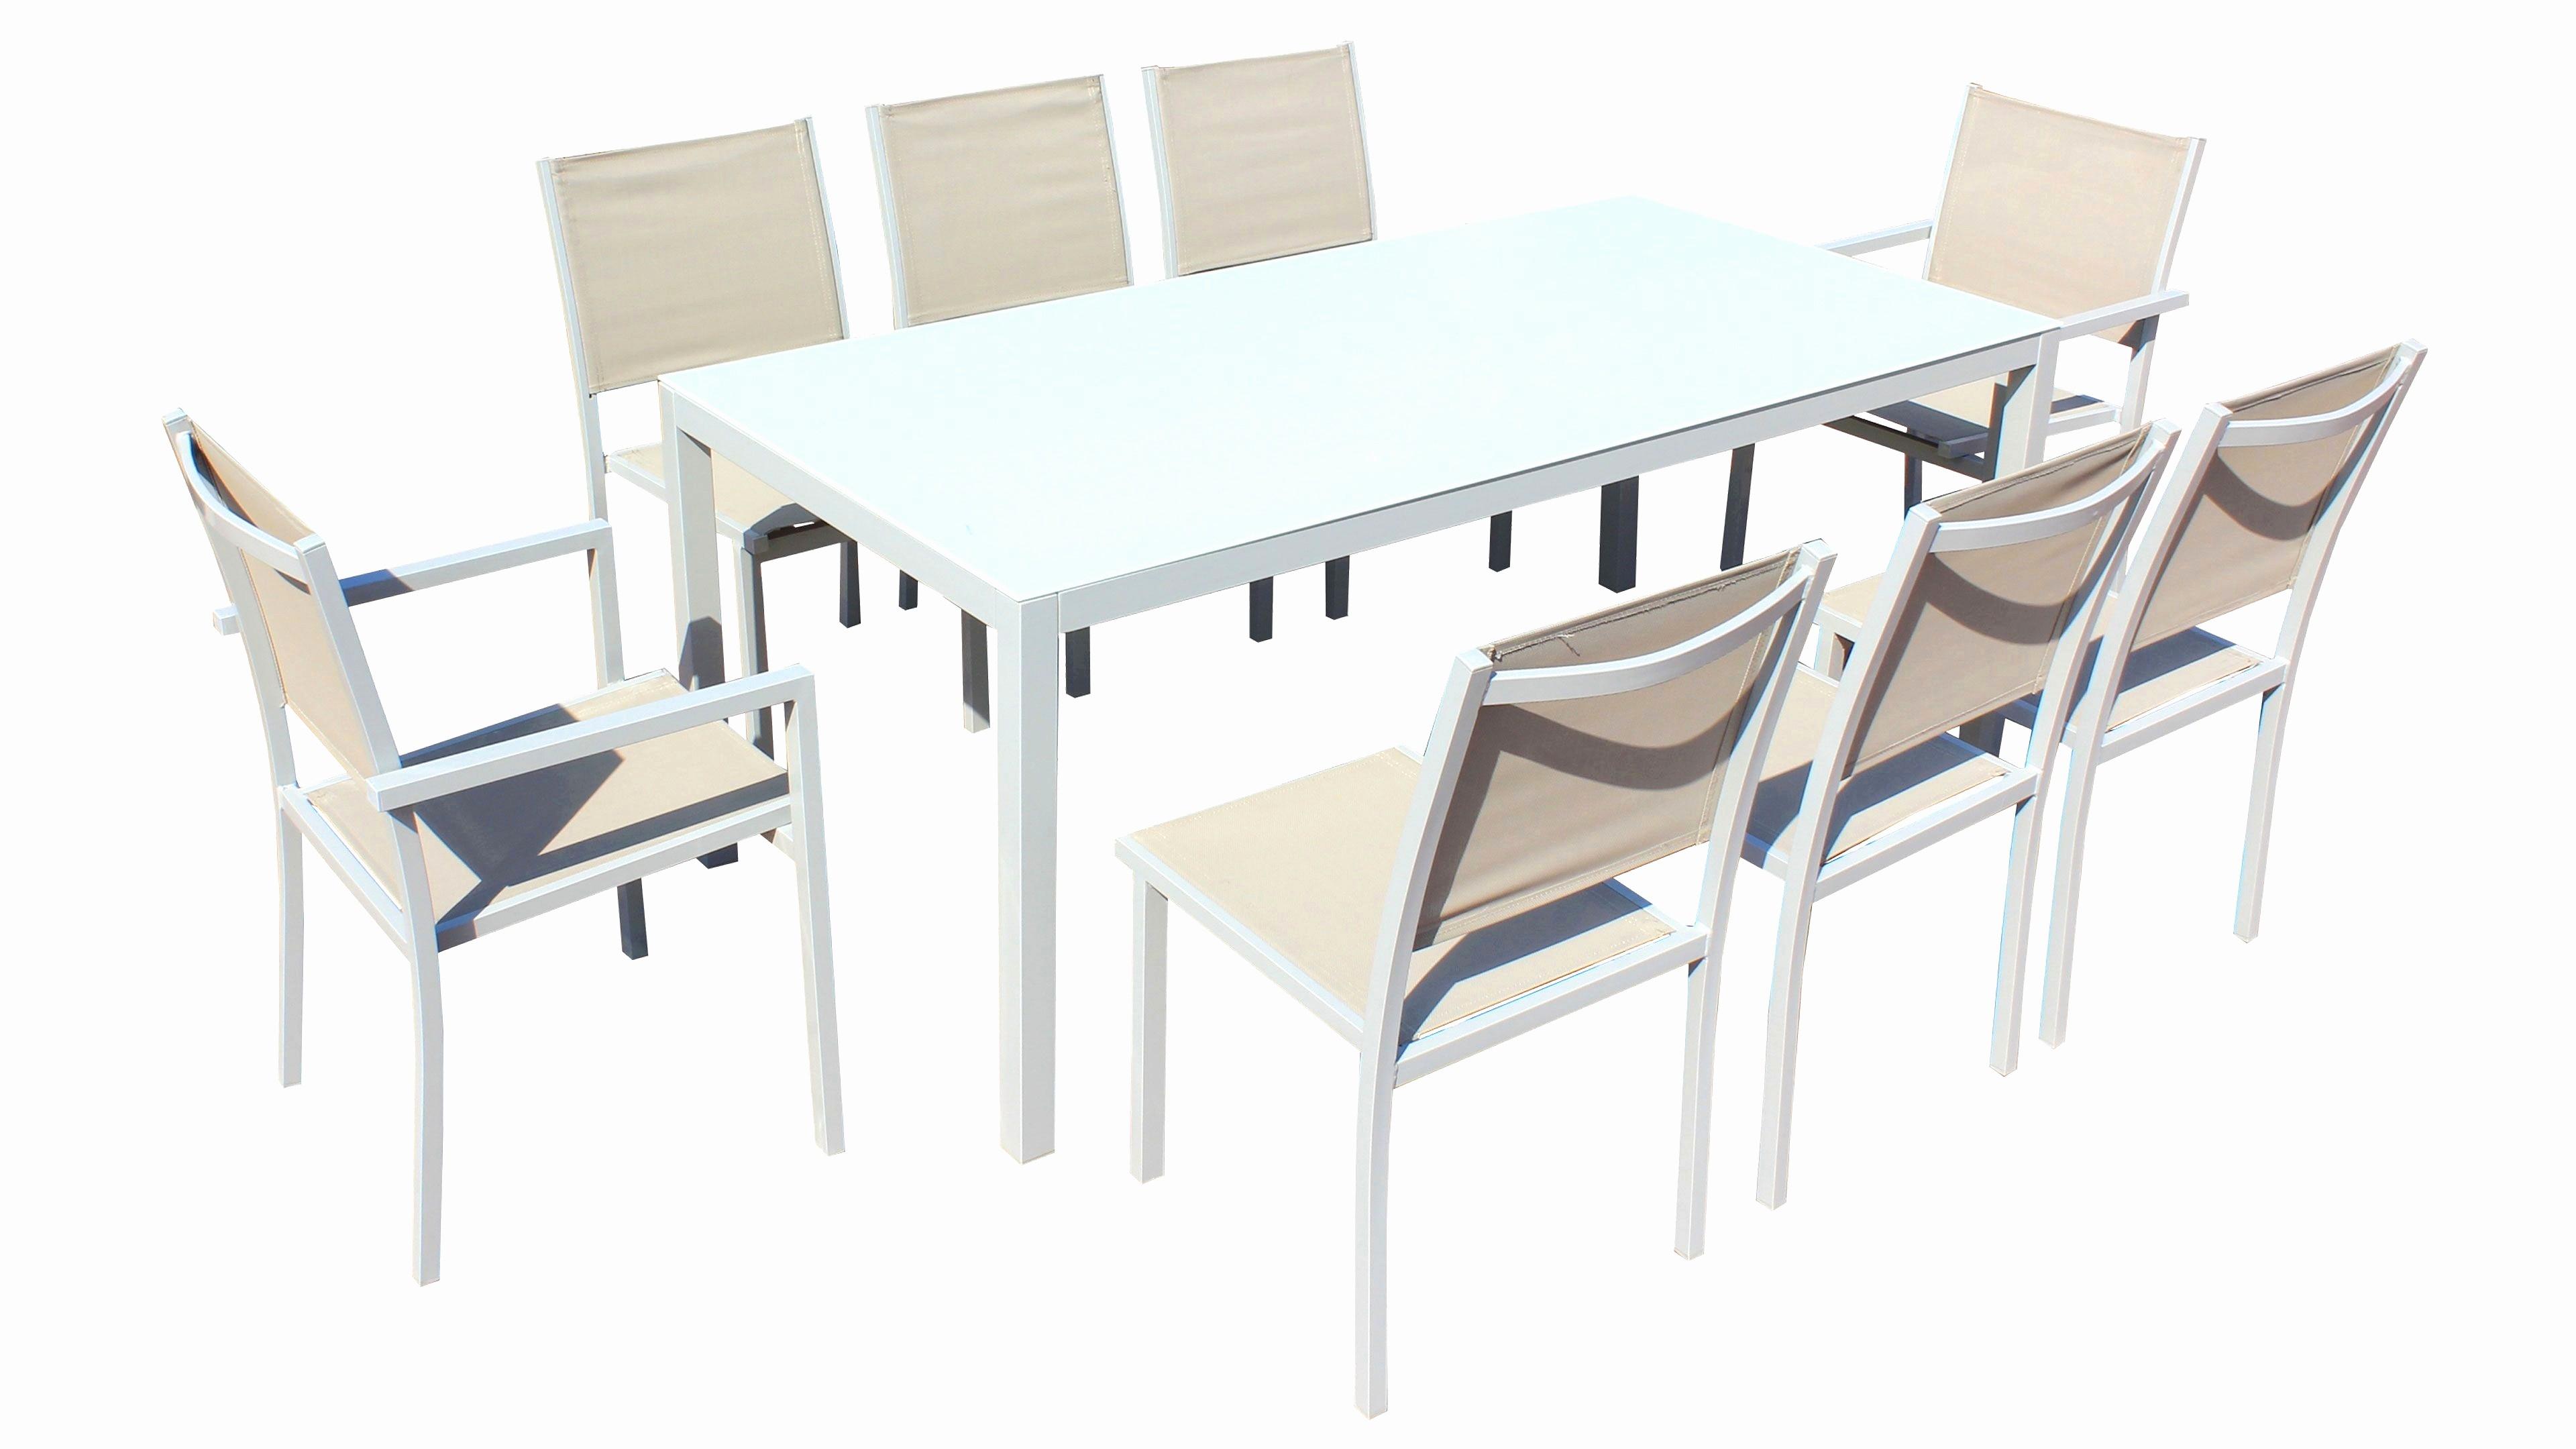 Salon De Jardin Pas Cher Auchan Luxe Photos Table De Jardin Avec Rallonge Table Jardin Chaises Protege Chaise 0d